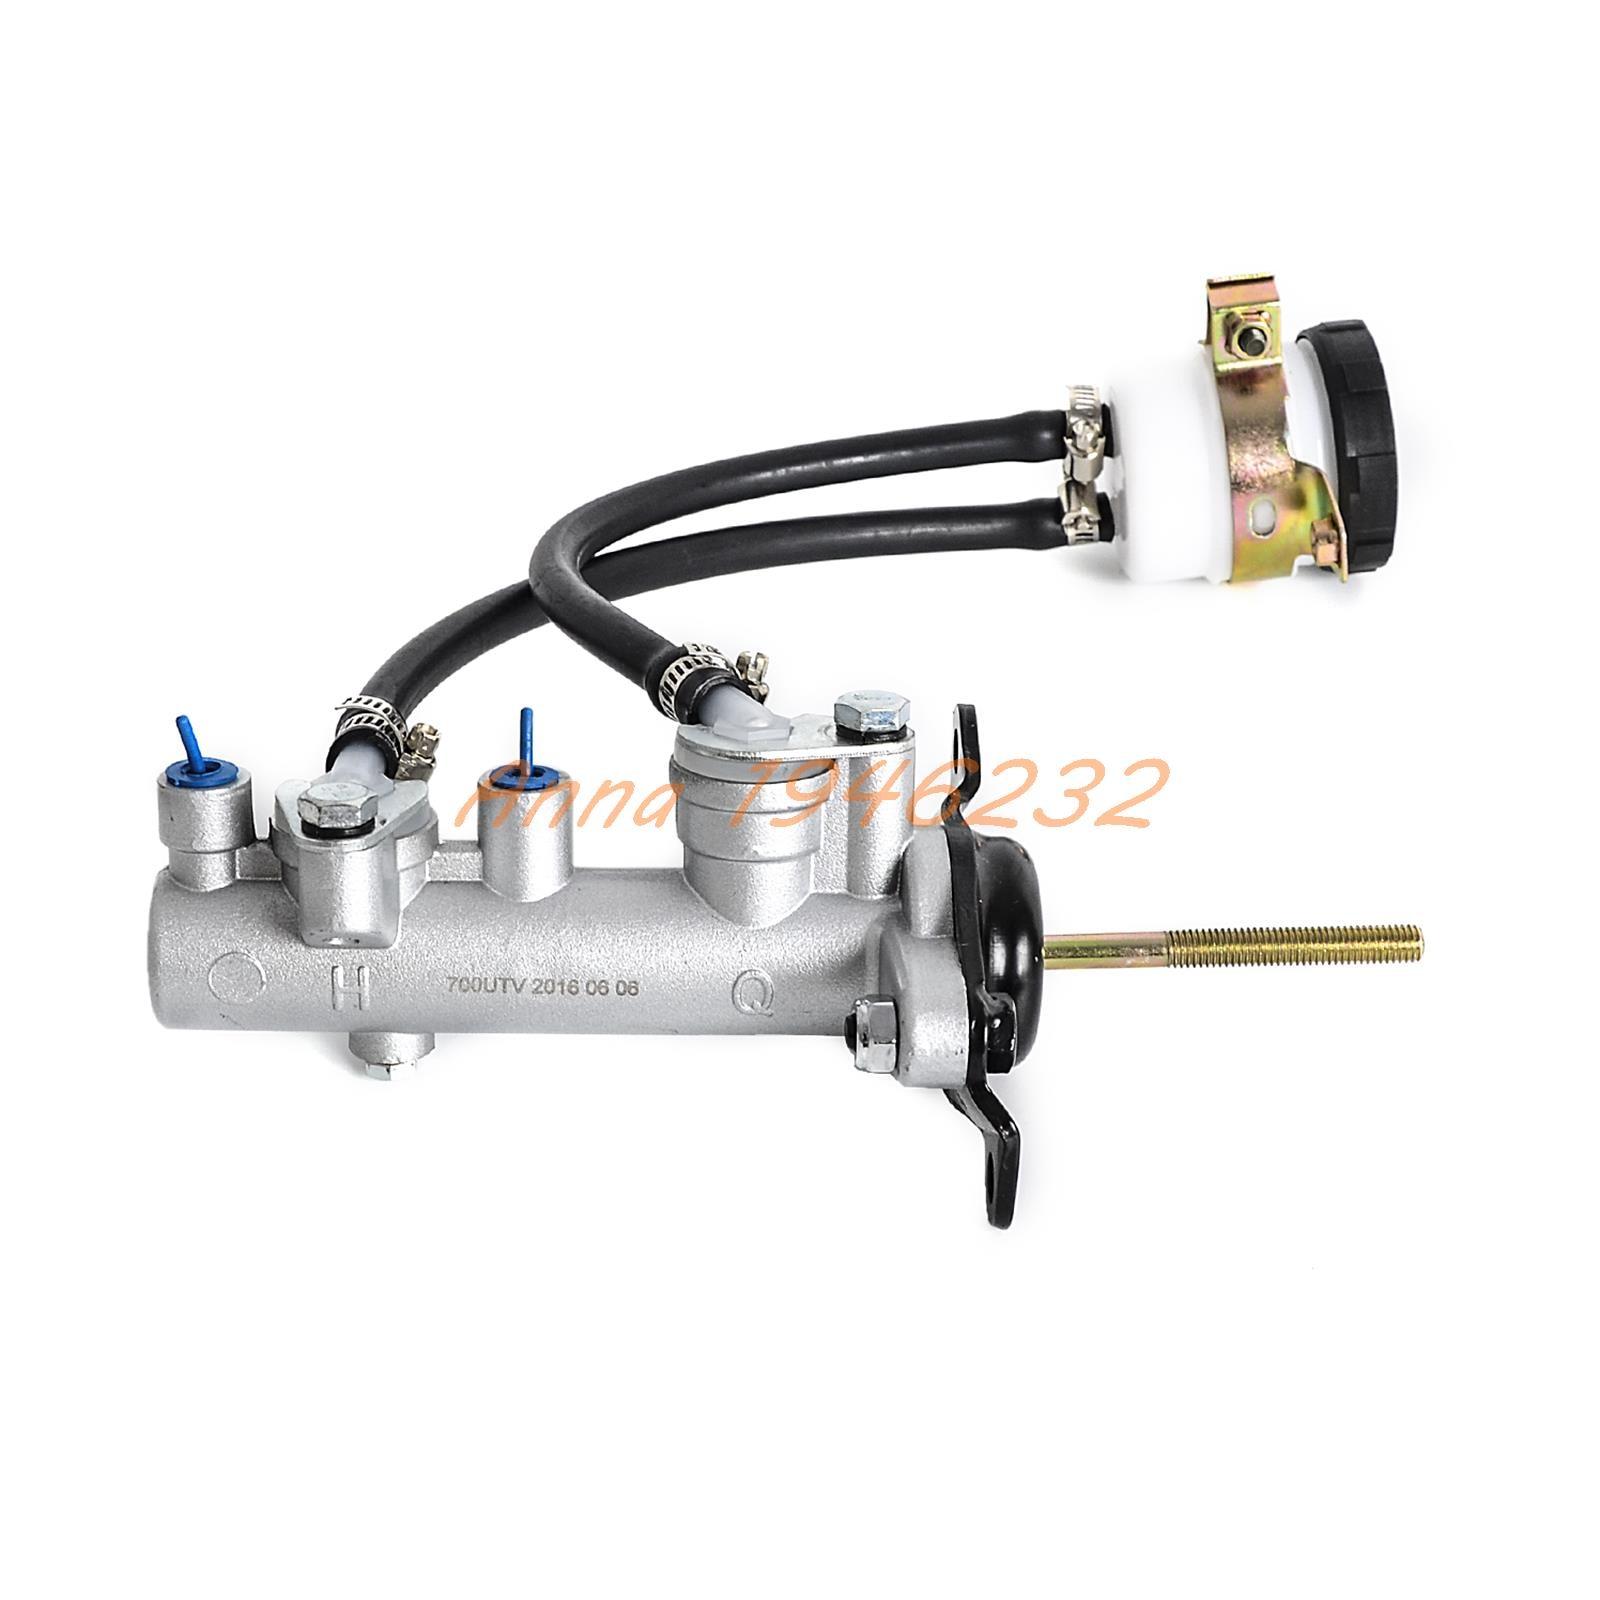 master cylinder brake pump for msu800 utv 700 500 hisun. Black Bedroom Furniture Sets. Home Design Ideas